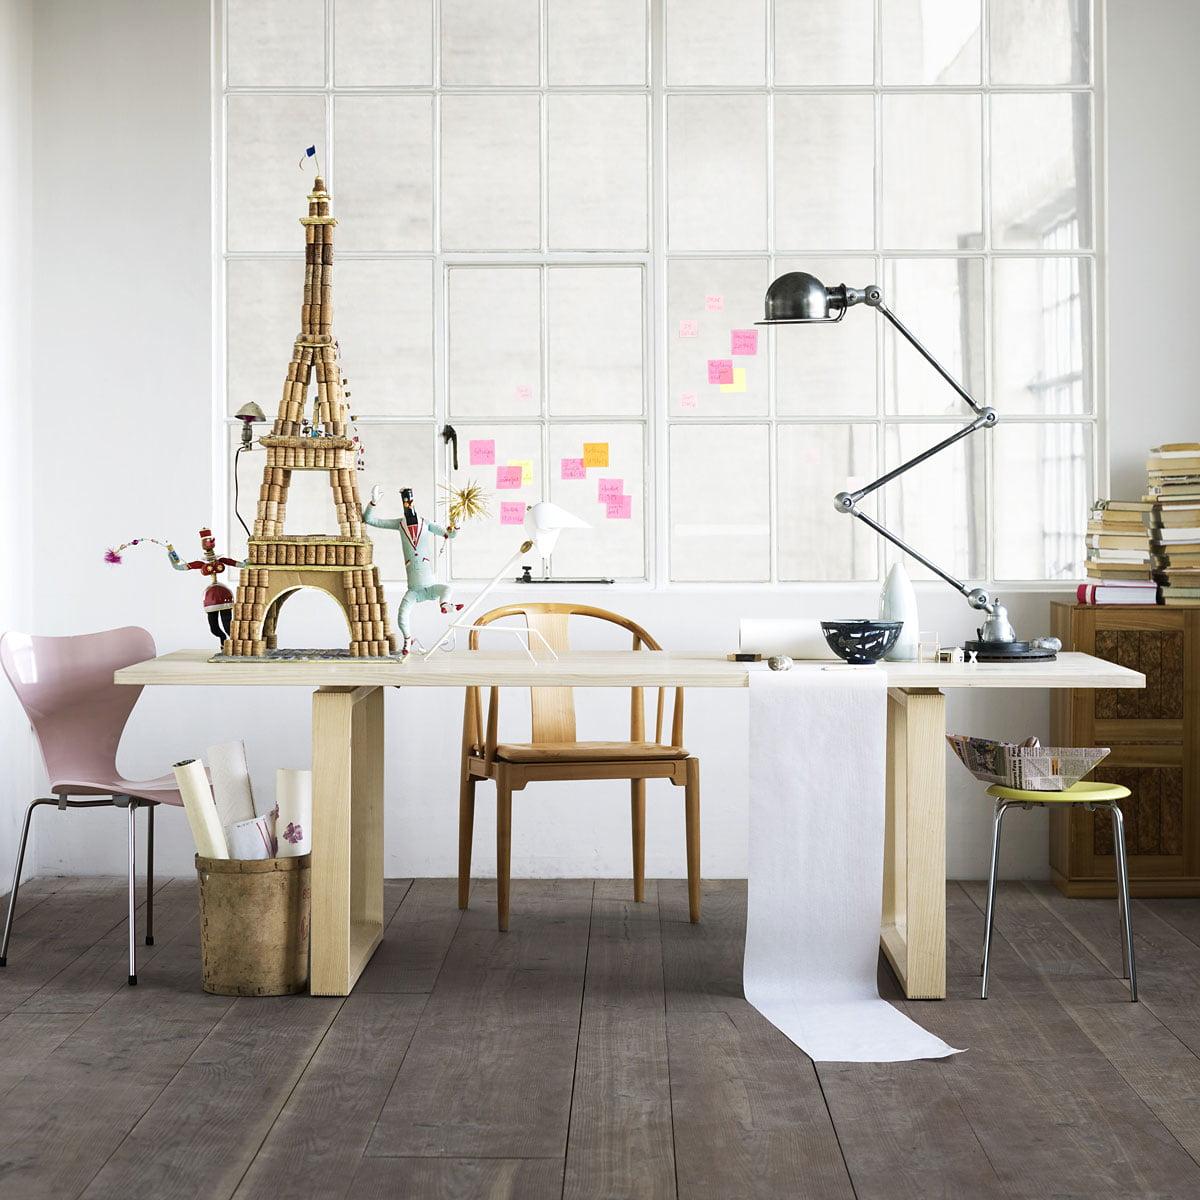 fritz hansen table essay buy essay online fritz hansen table essay